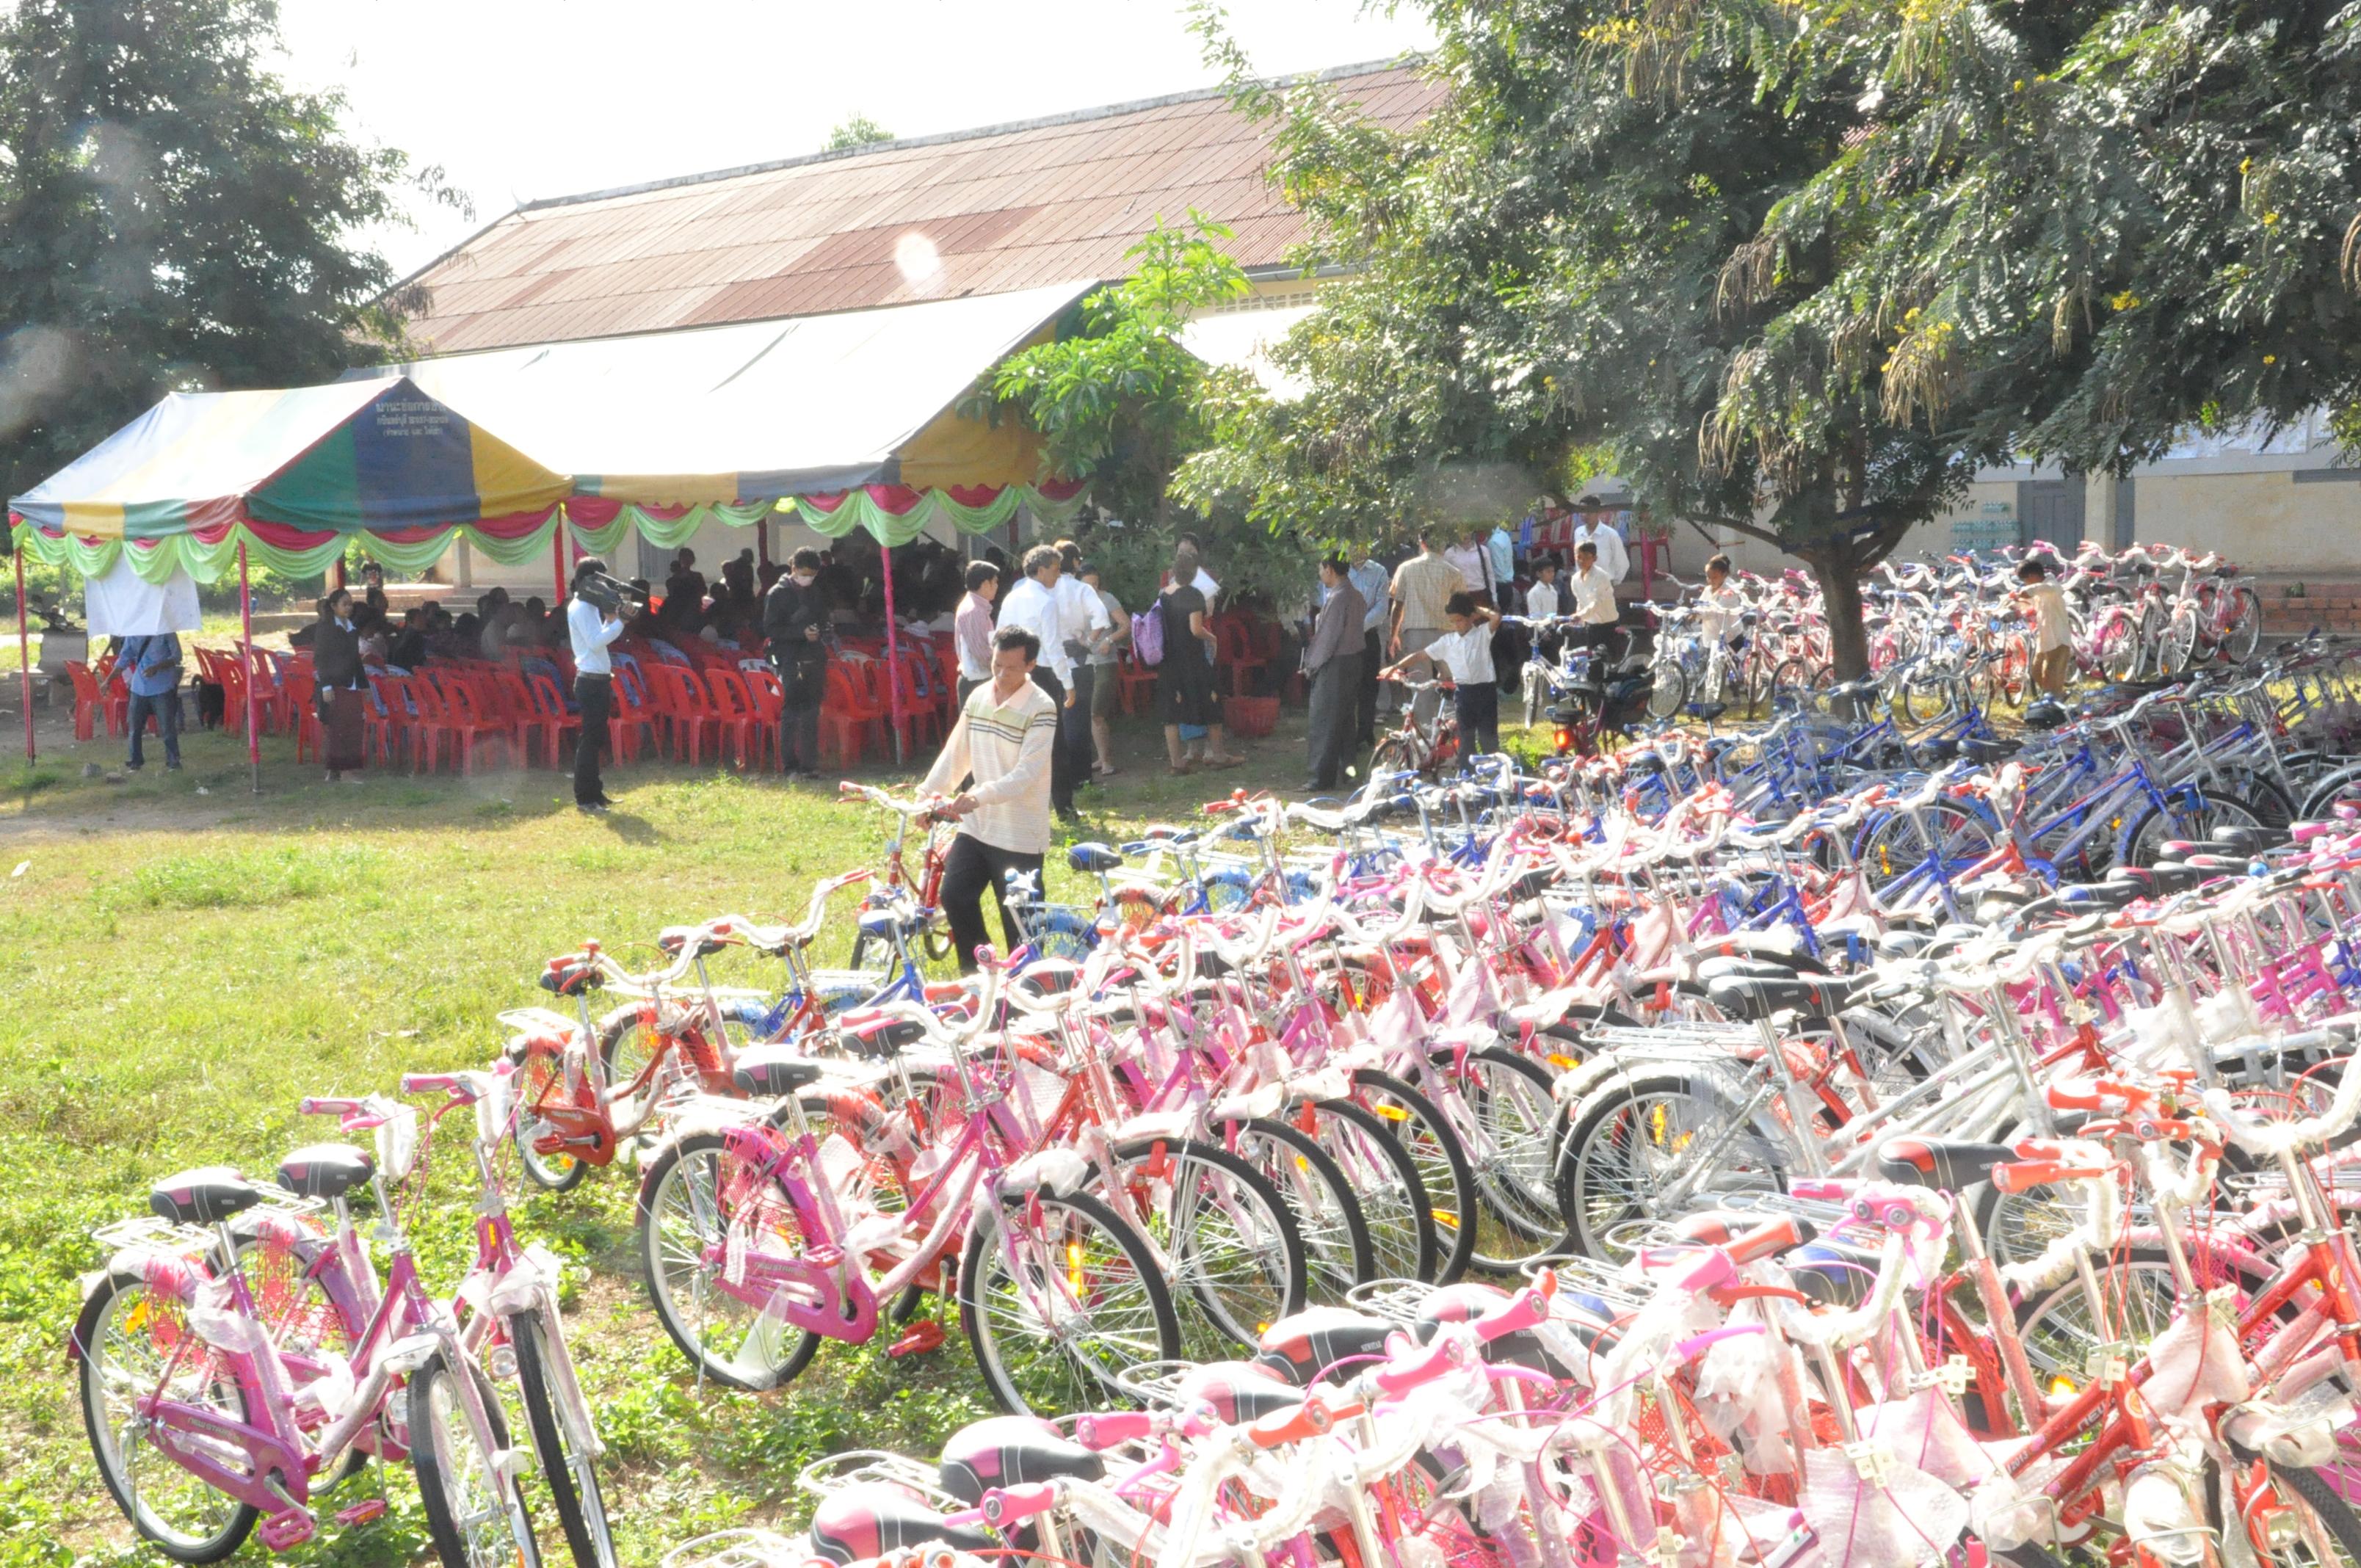 Gruppo Di Biciclette In Attesa Di Essere Consegnate